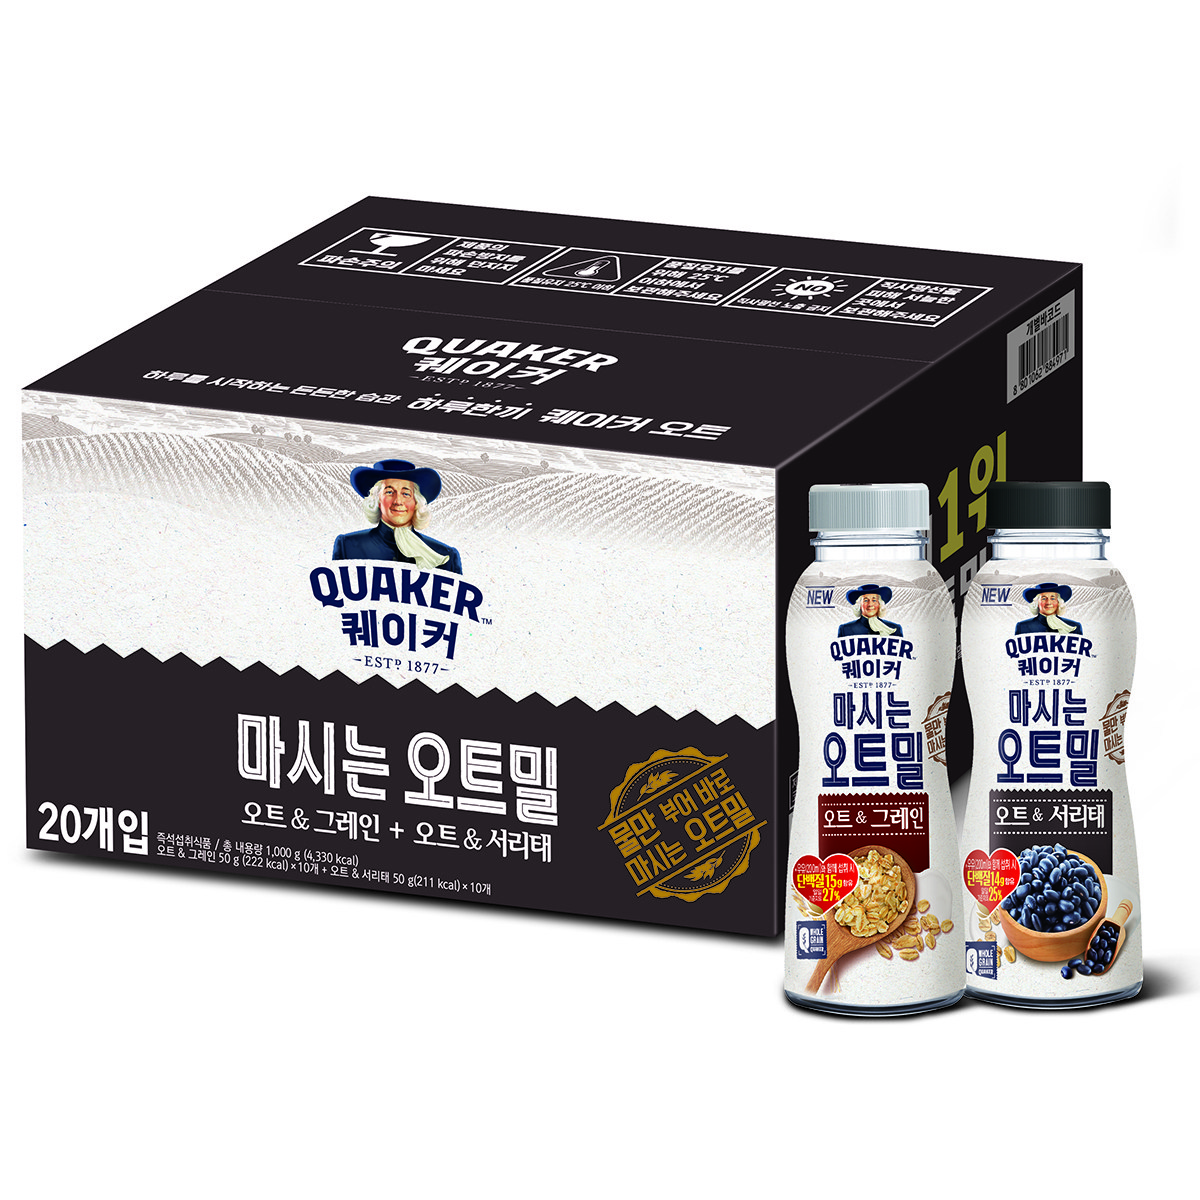 퀘이커 마시는 오트밀 50g x 20 - 그레인 & 서리태 Quaker Oatmeal Drink 50g x 20 - Grain&Black Bean